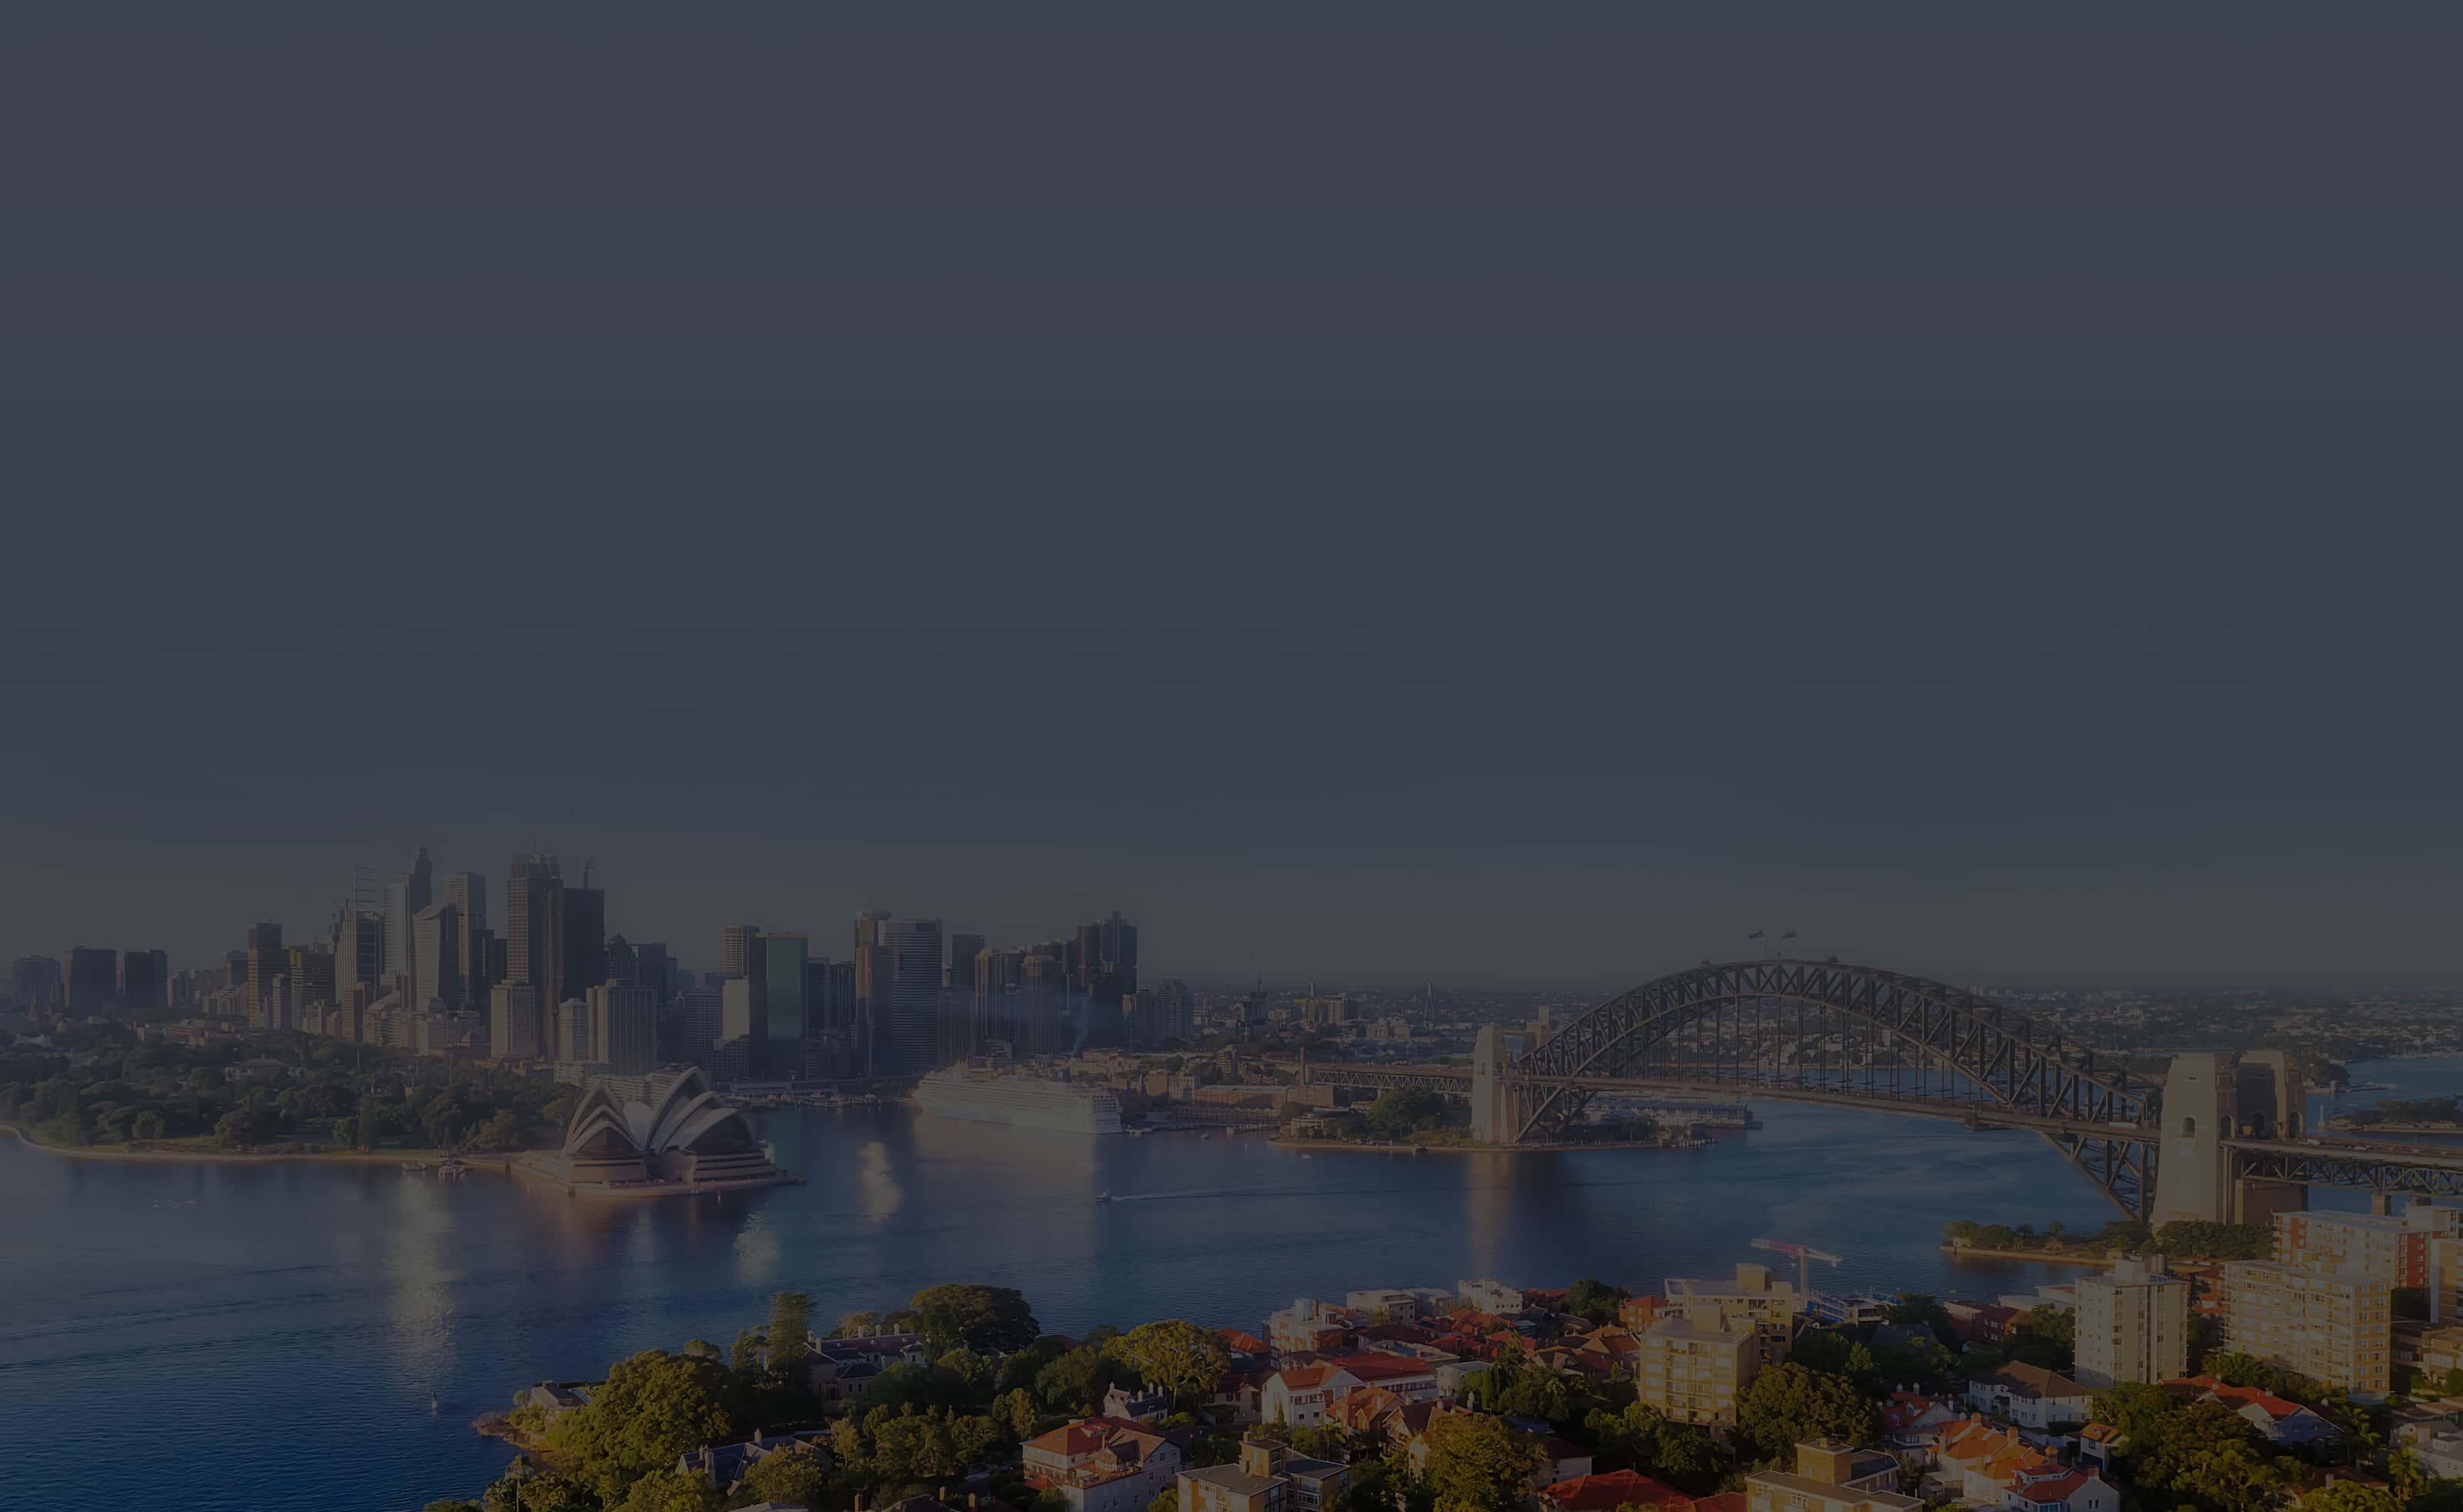 Background image of Sydney - Australia